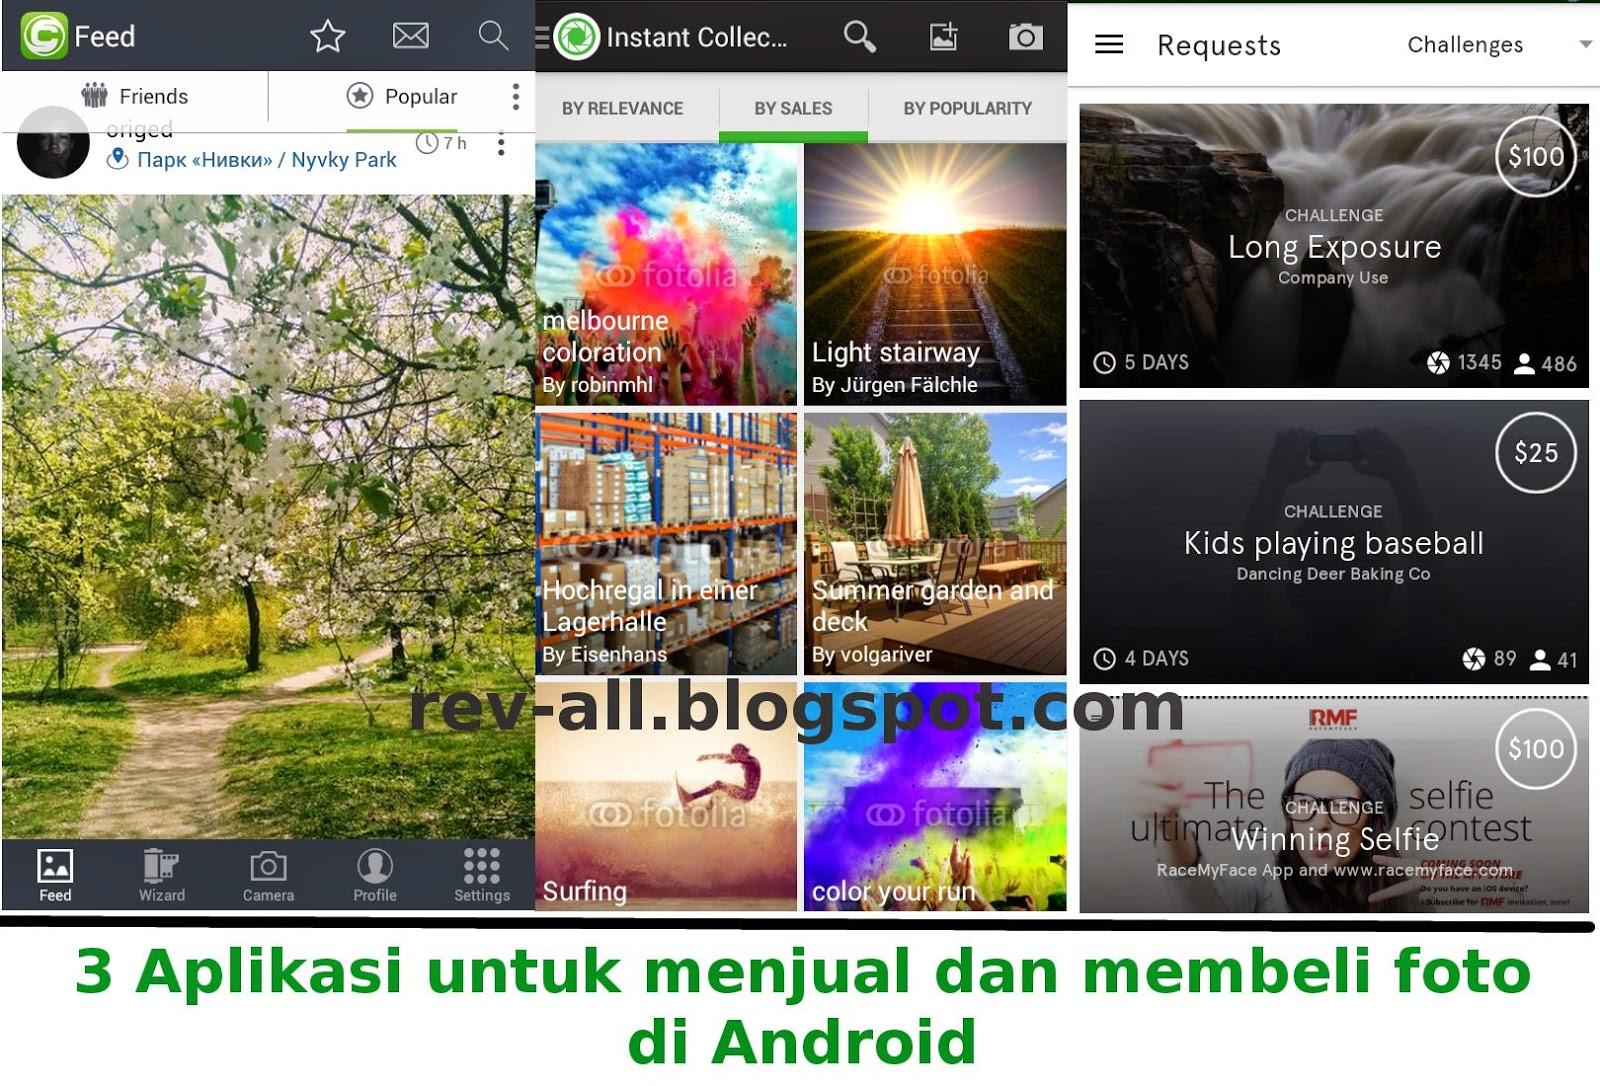 Review 3 aplikasi untuk jual-beli foto di android (rev-all.blogspot.com)